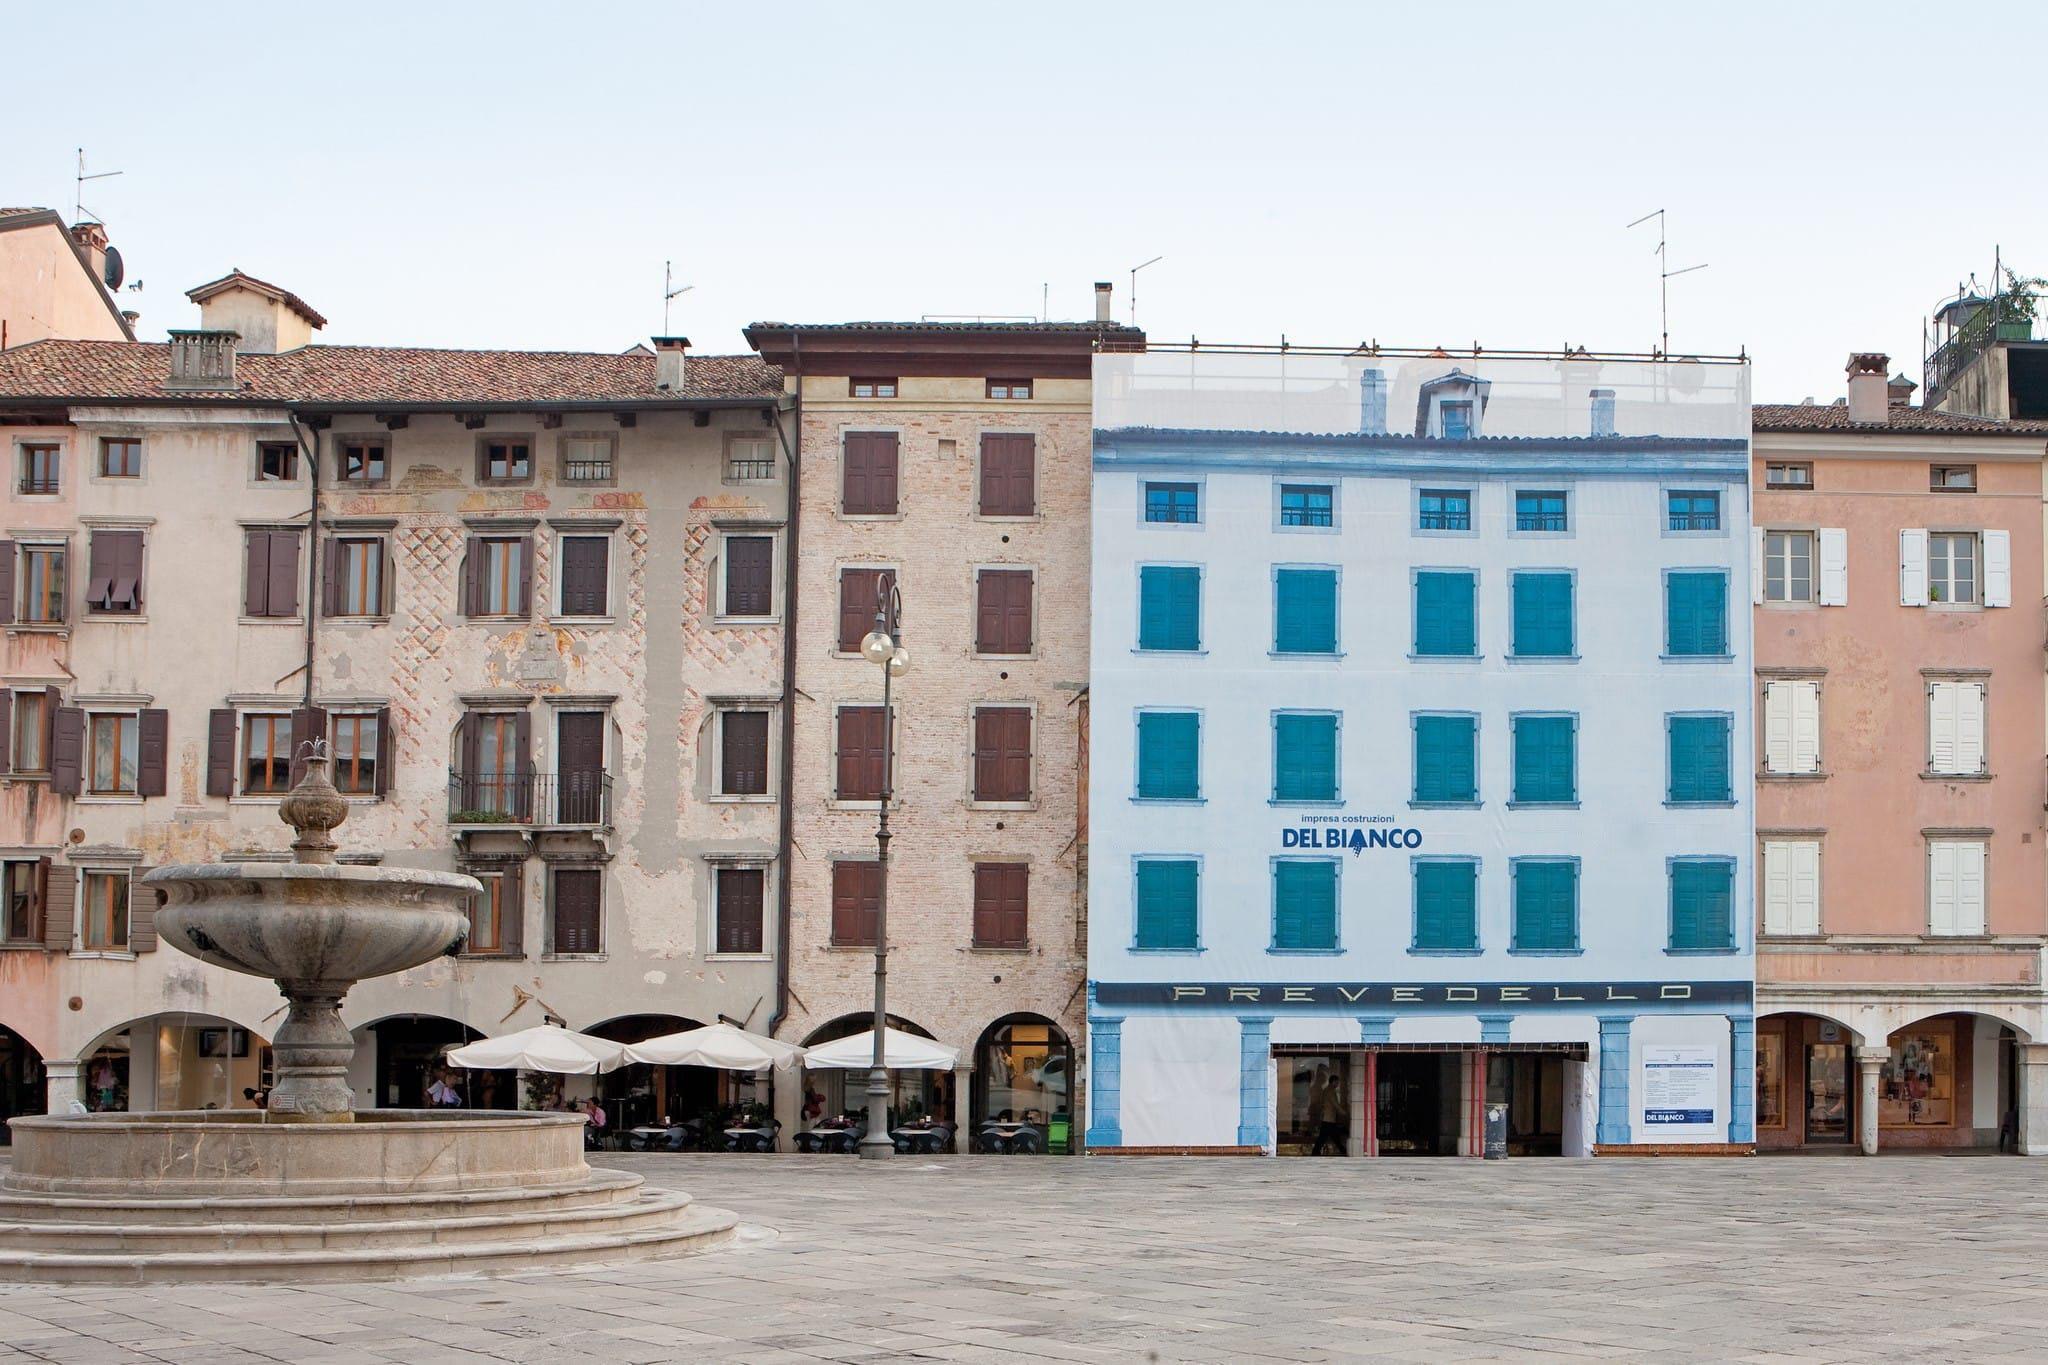 Restauro in piazza San Giacomo operato dall'impresa costruttrice Del Bianco di Udine